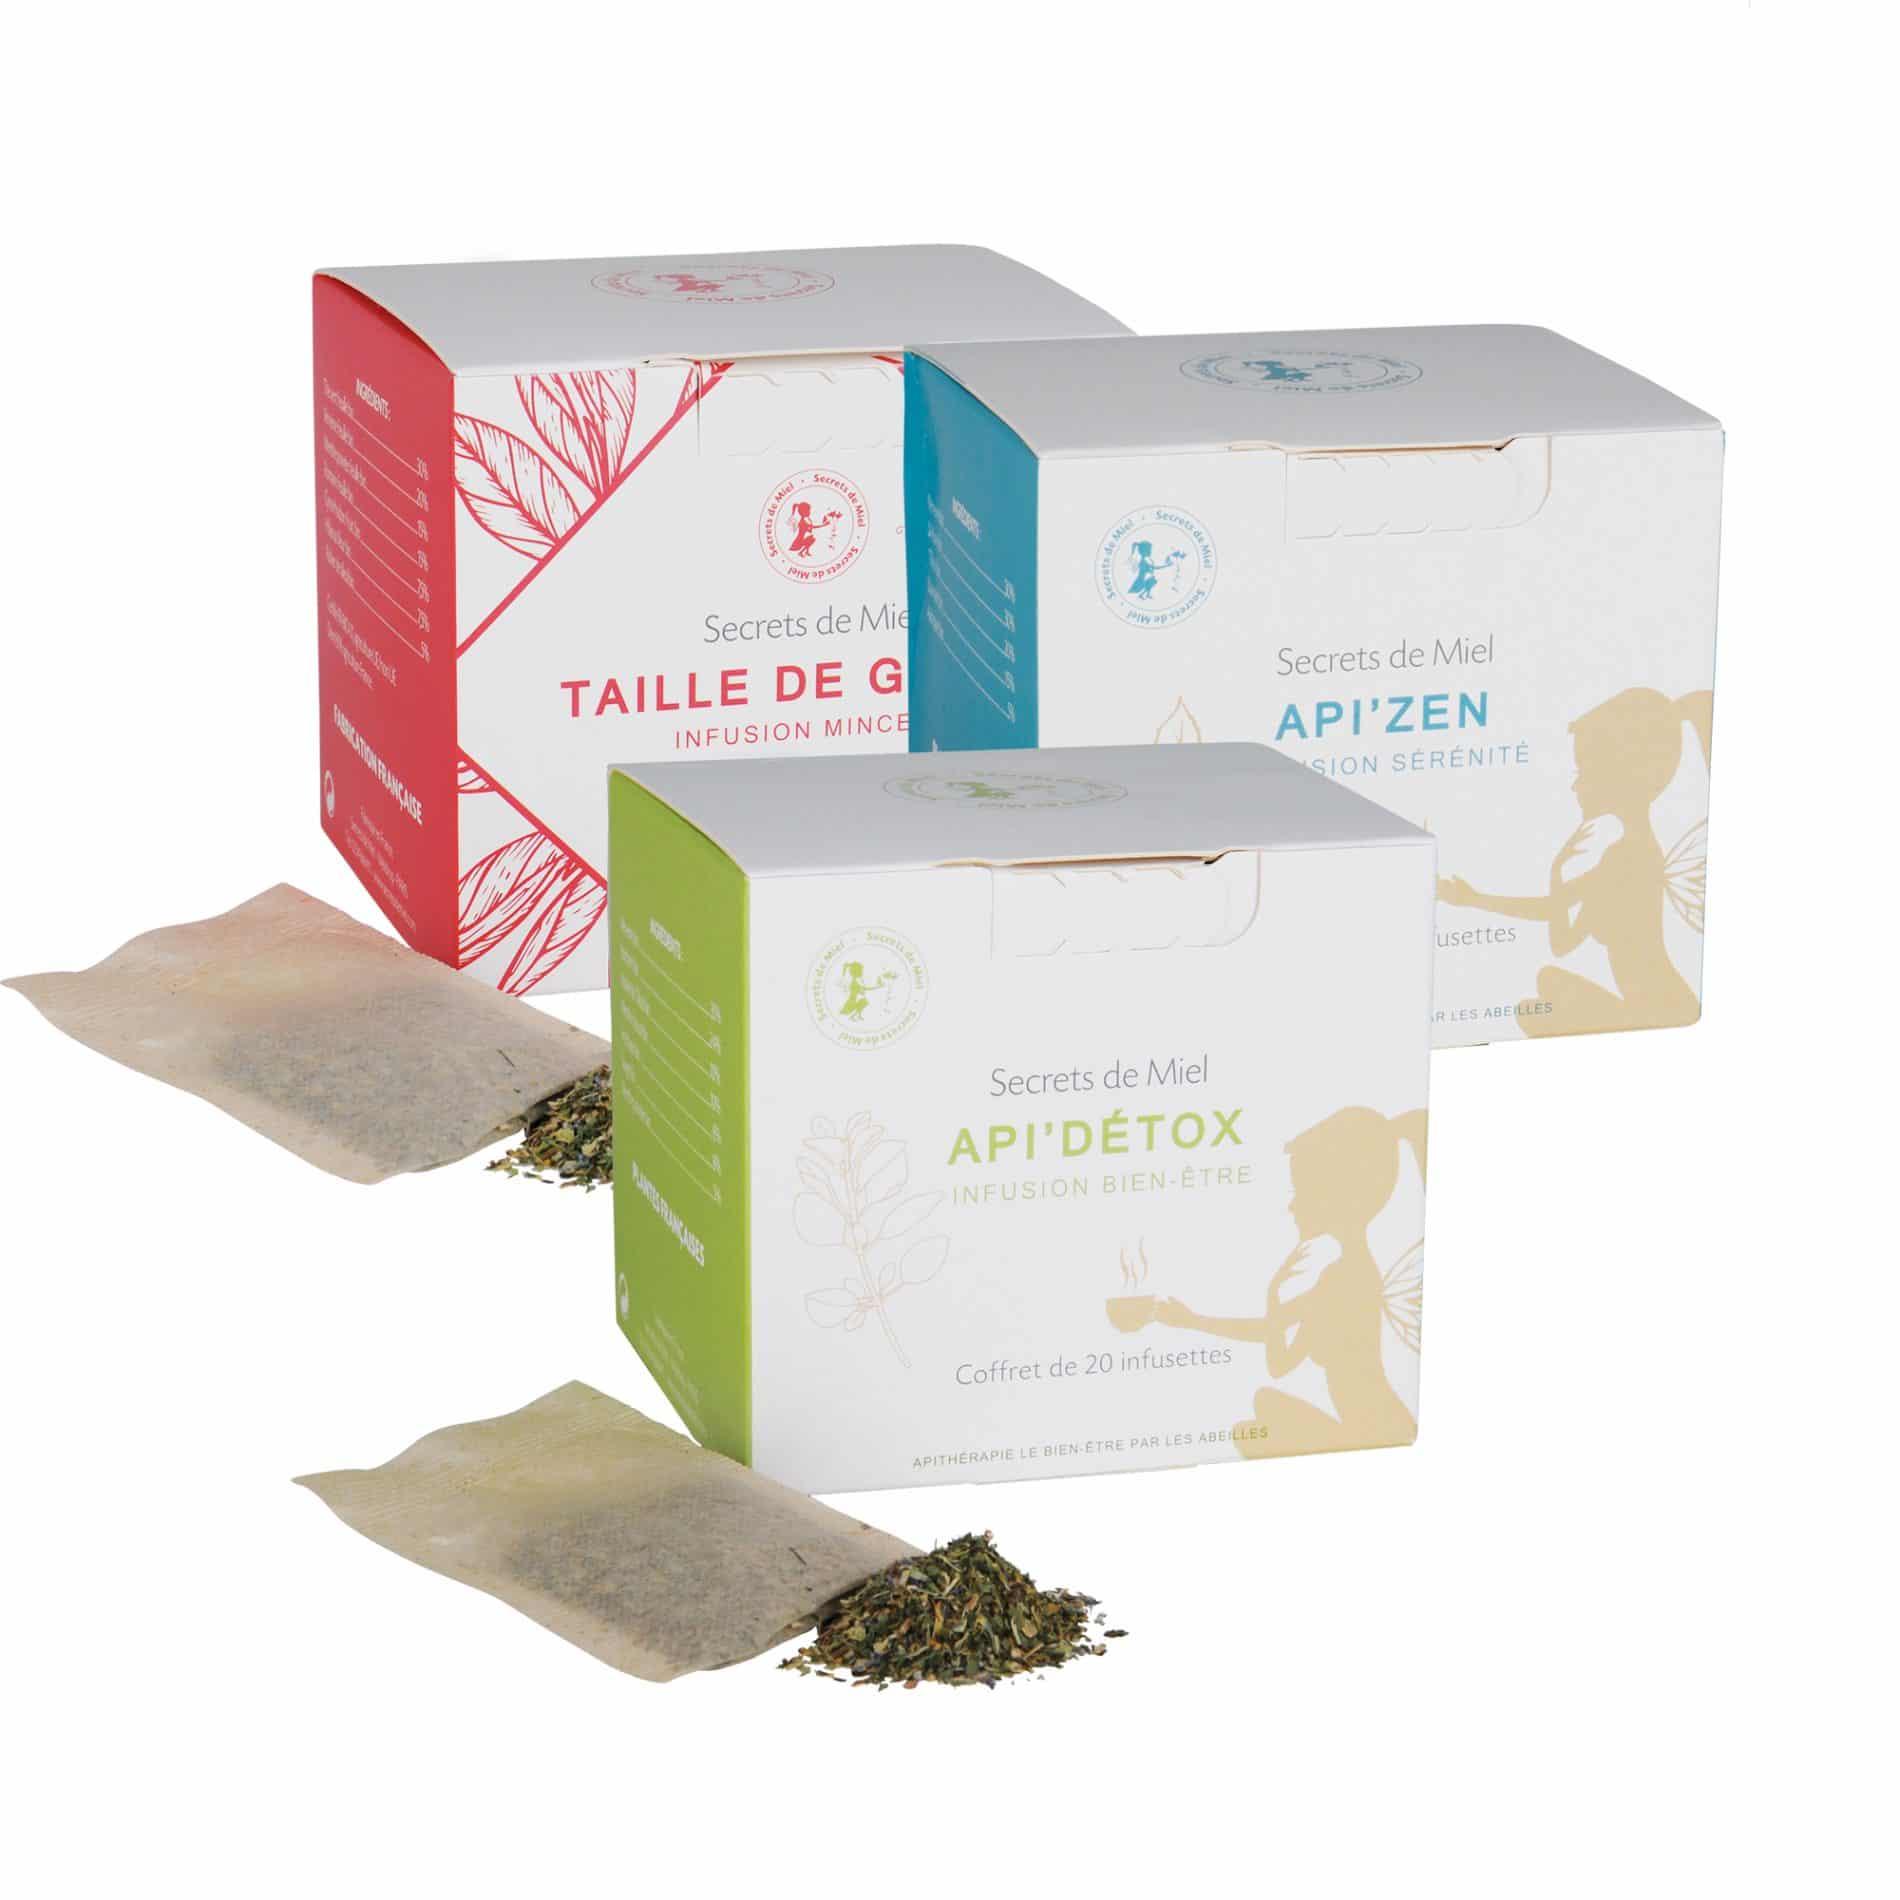 3 infusions - lot de 3 infusions - trois effets - bons effets - détox - digestion - minceur - taille de guê^pe - infusions - Produits naturels - Plantes - Secrets de Miel